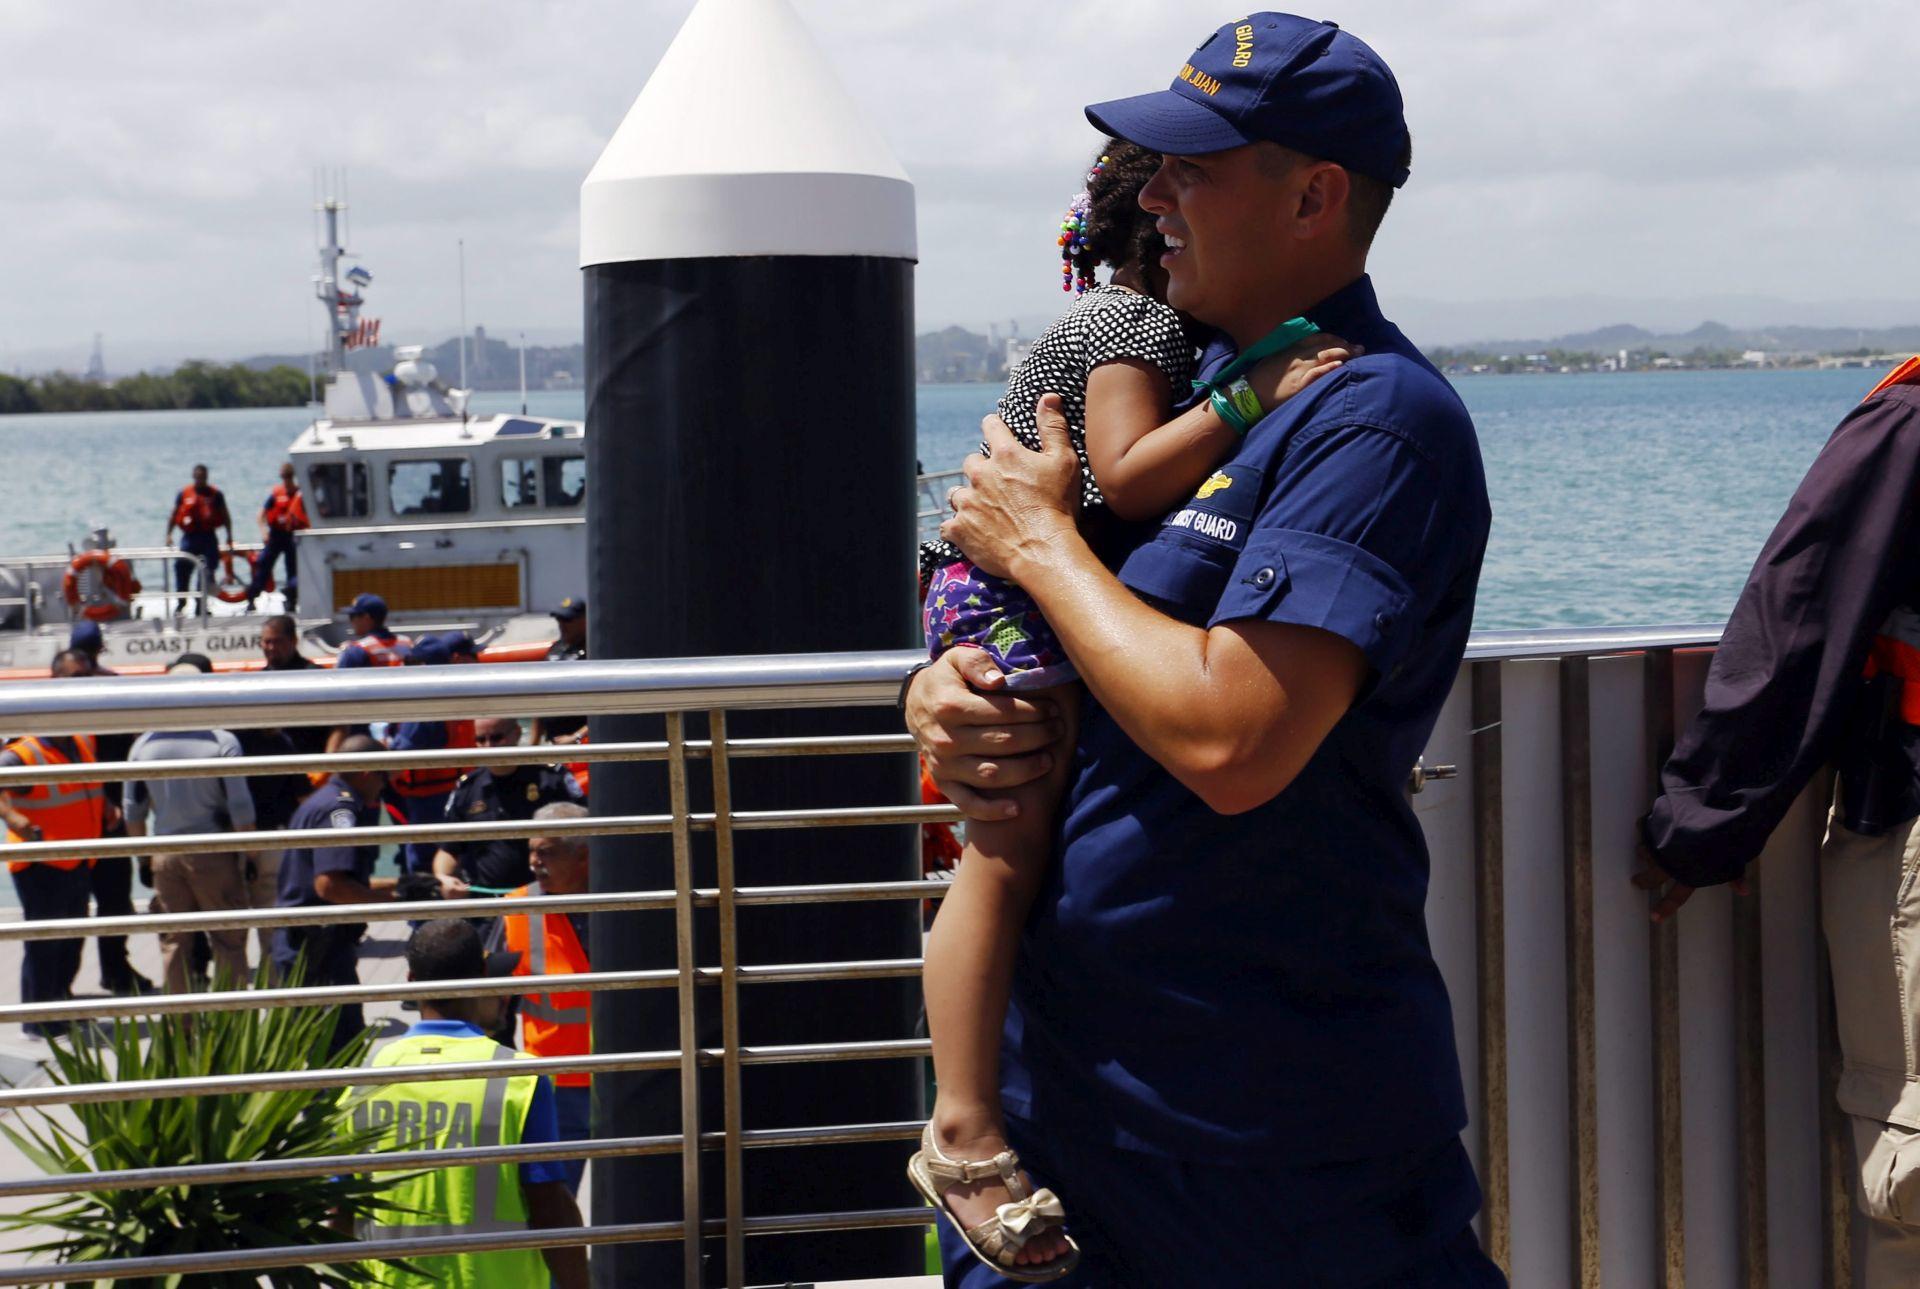 POŽAR NA BRODU: Više od 500 osoba evakuirano s broda nadomak Portorika